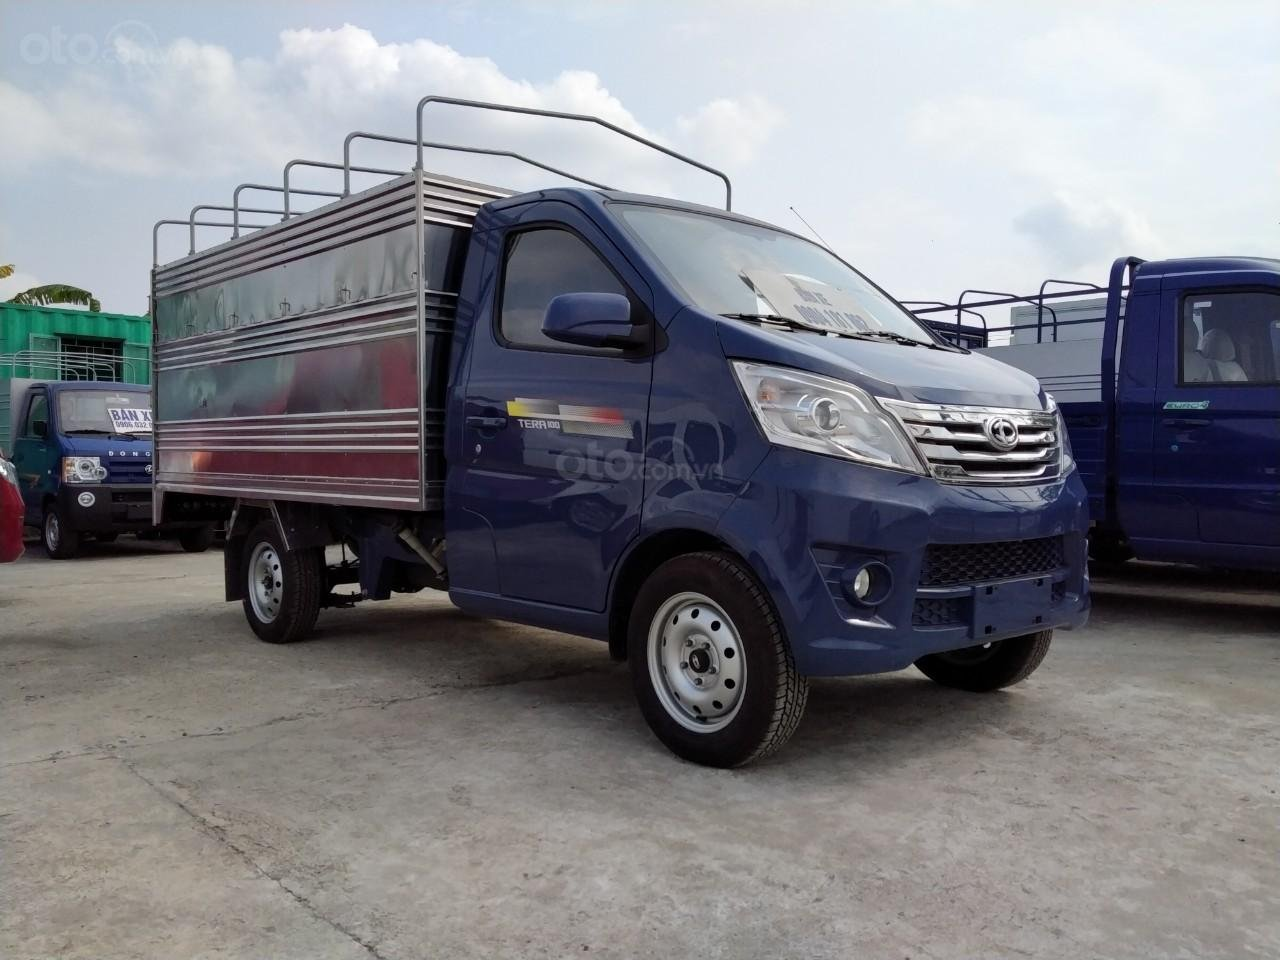 Bán xe tải Teraco tại Hải Dương, xe giá ưu đãi (6)